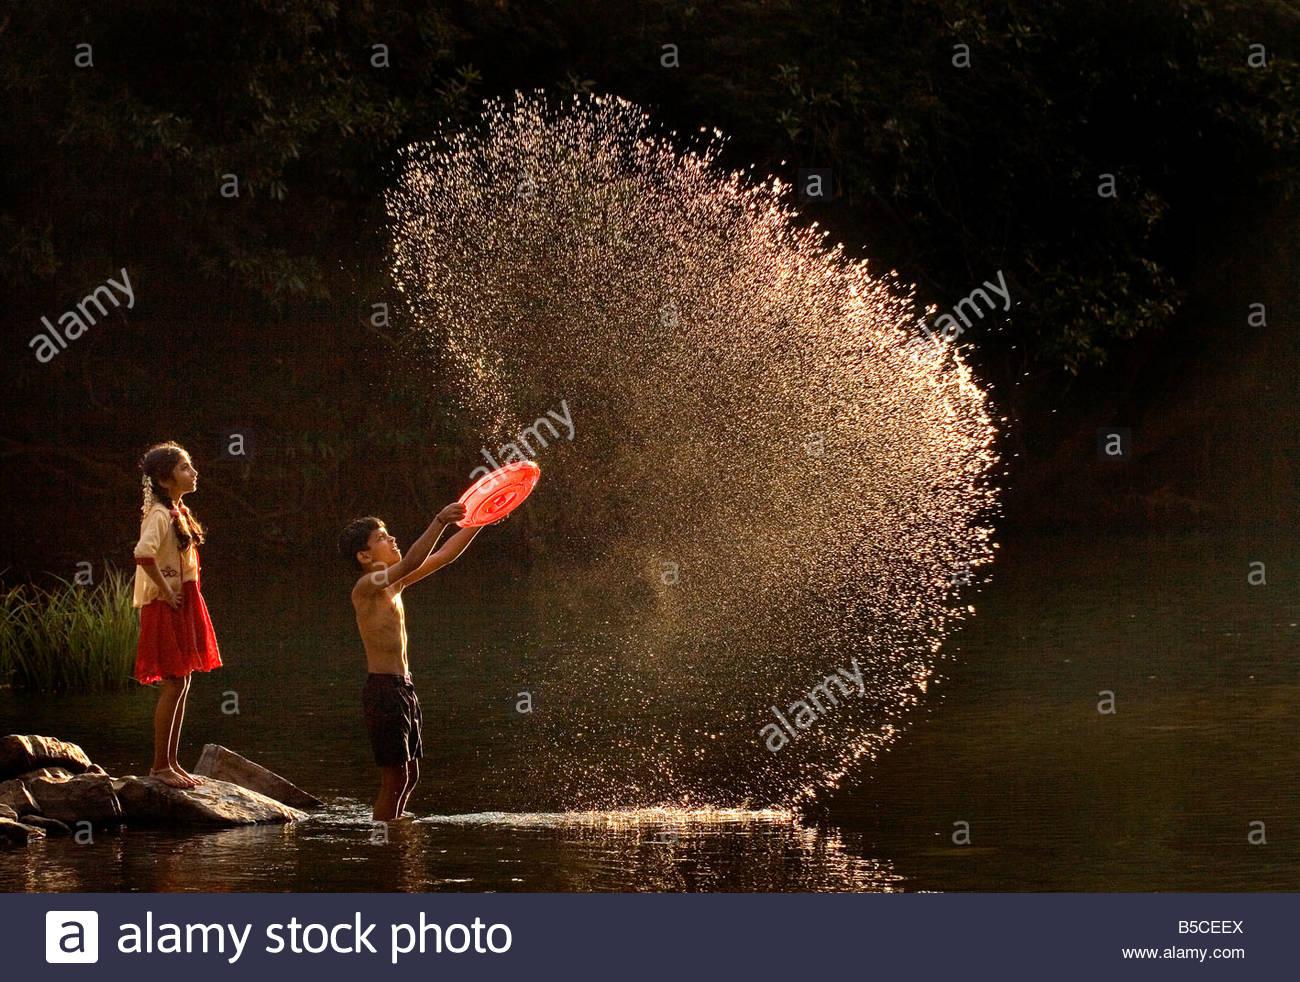 Los niños jugando en el río Imagen De Stock